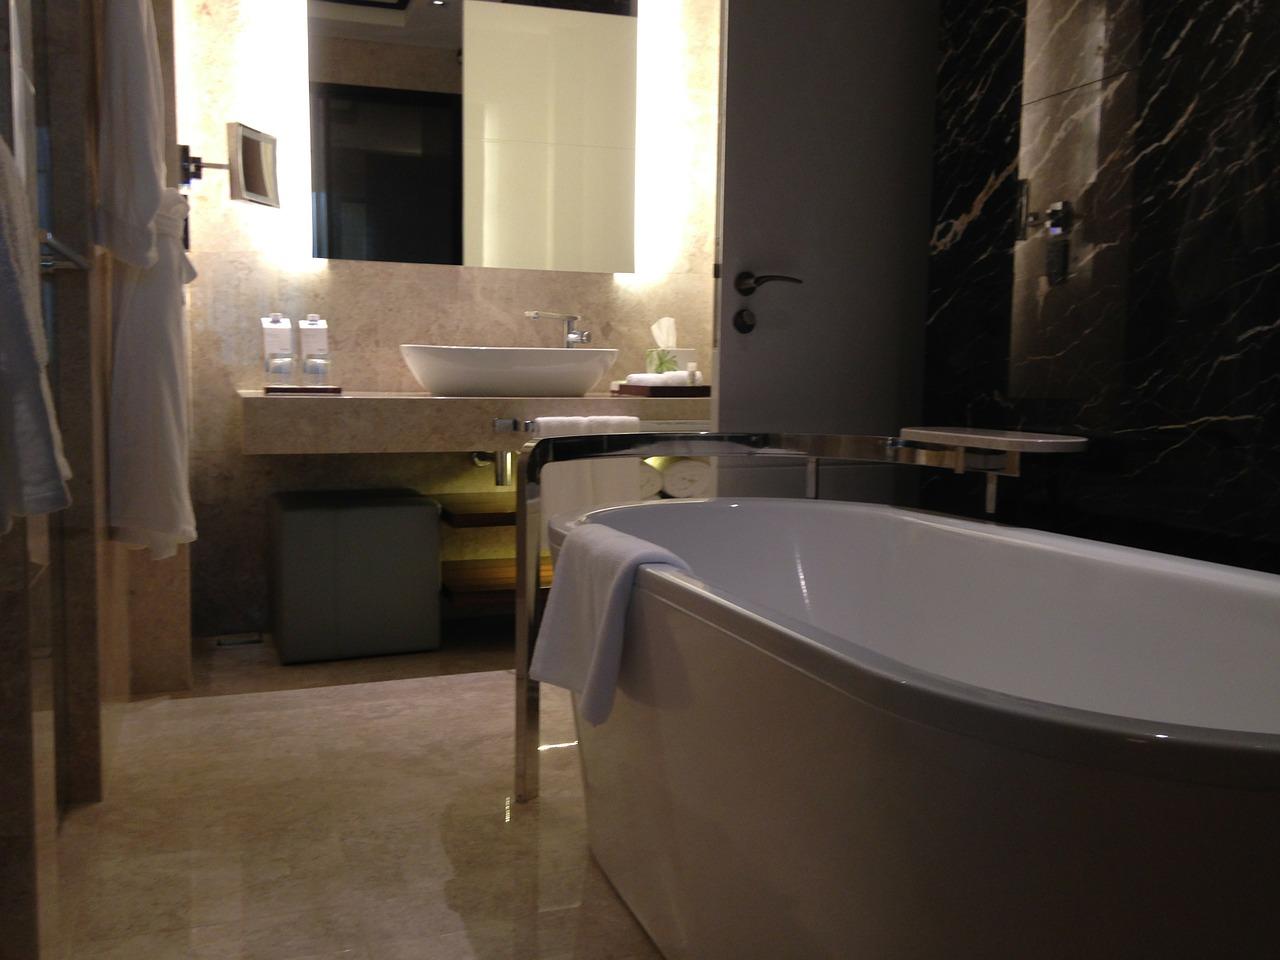 עיצוב אמבטיה - טיפים ורעיונות